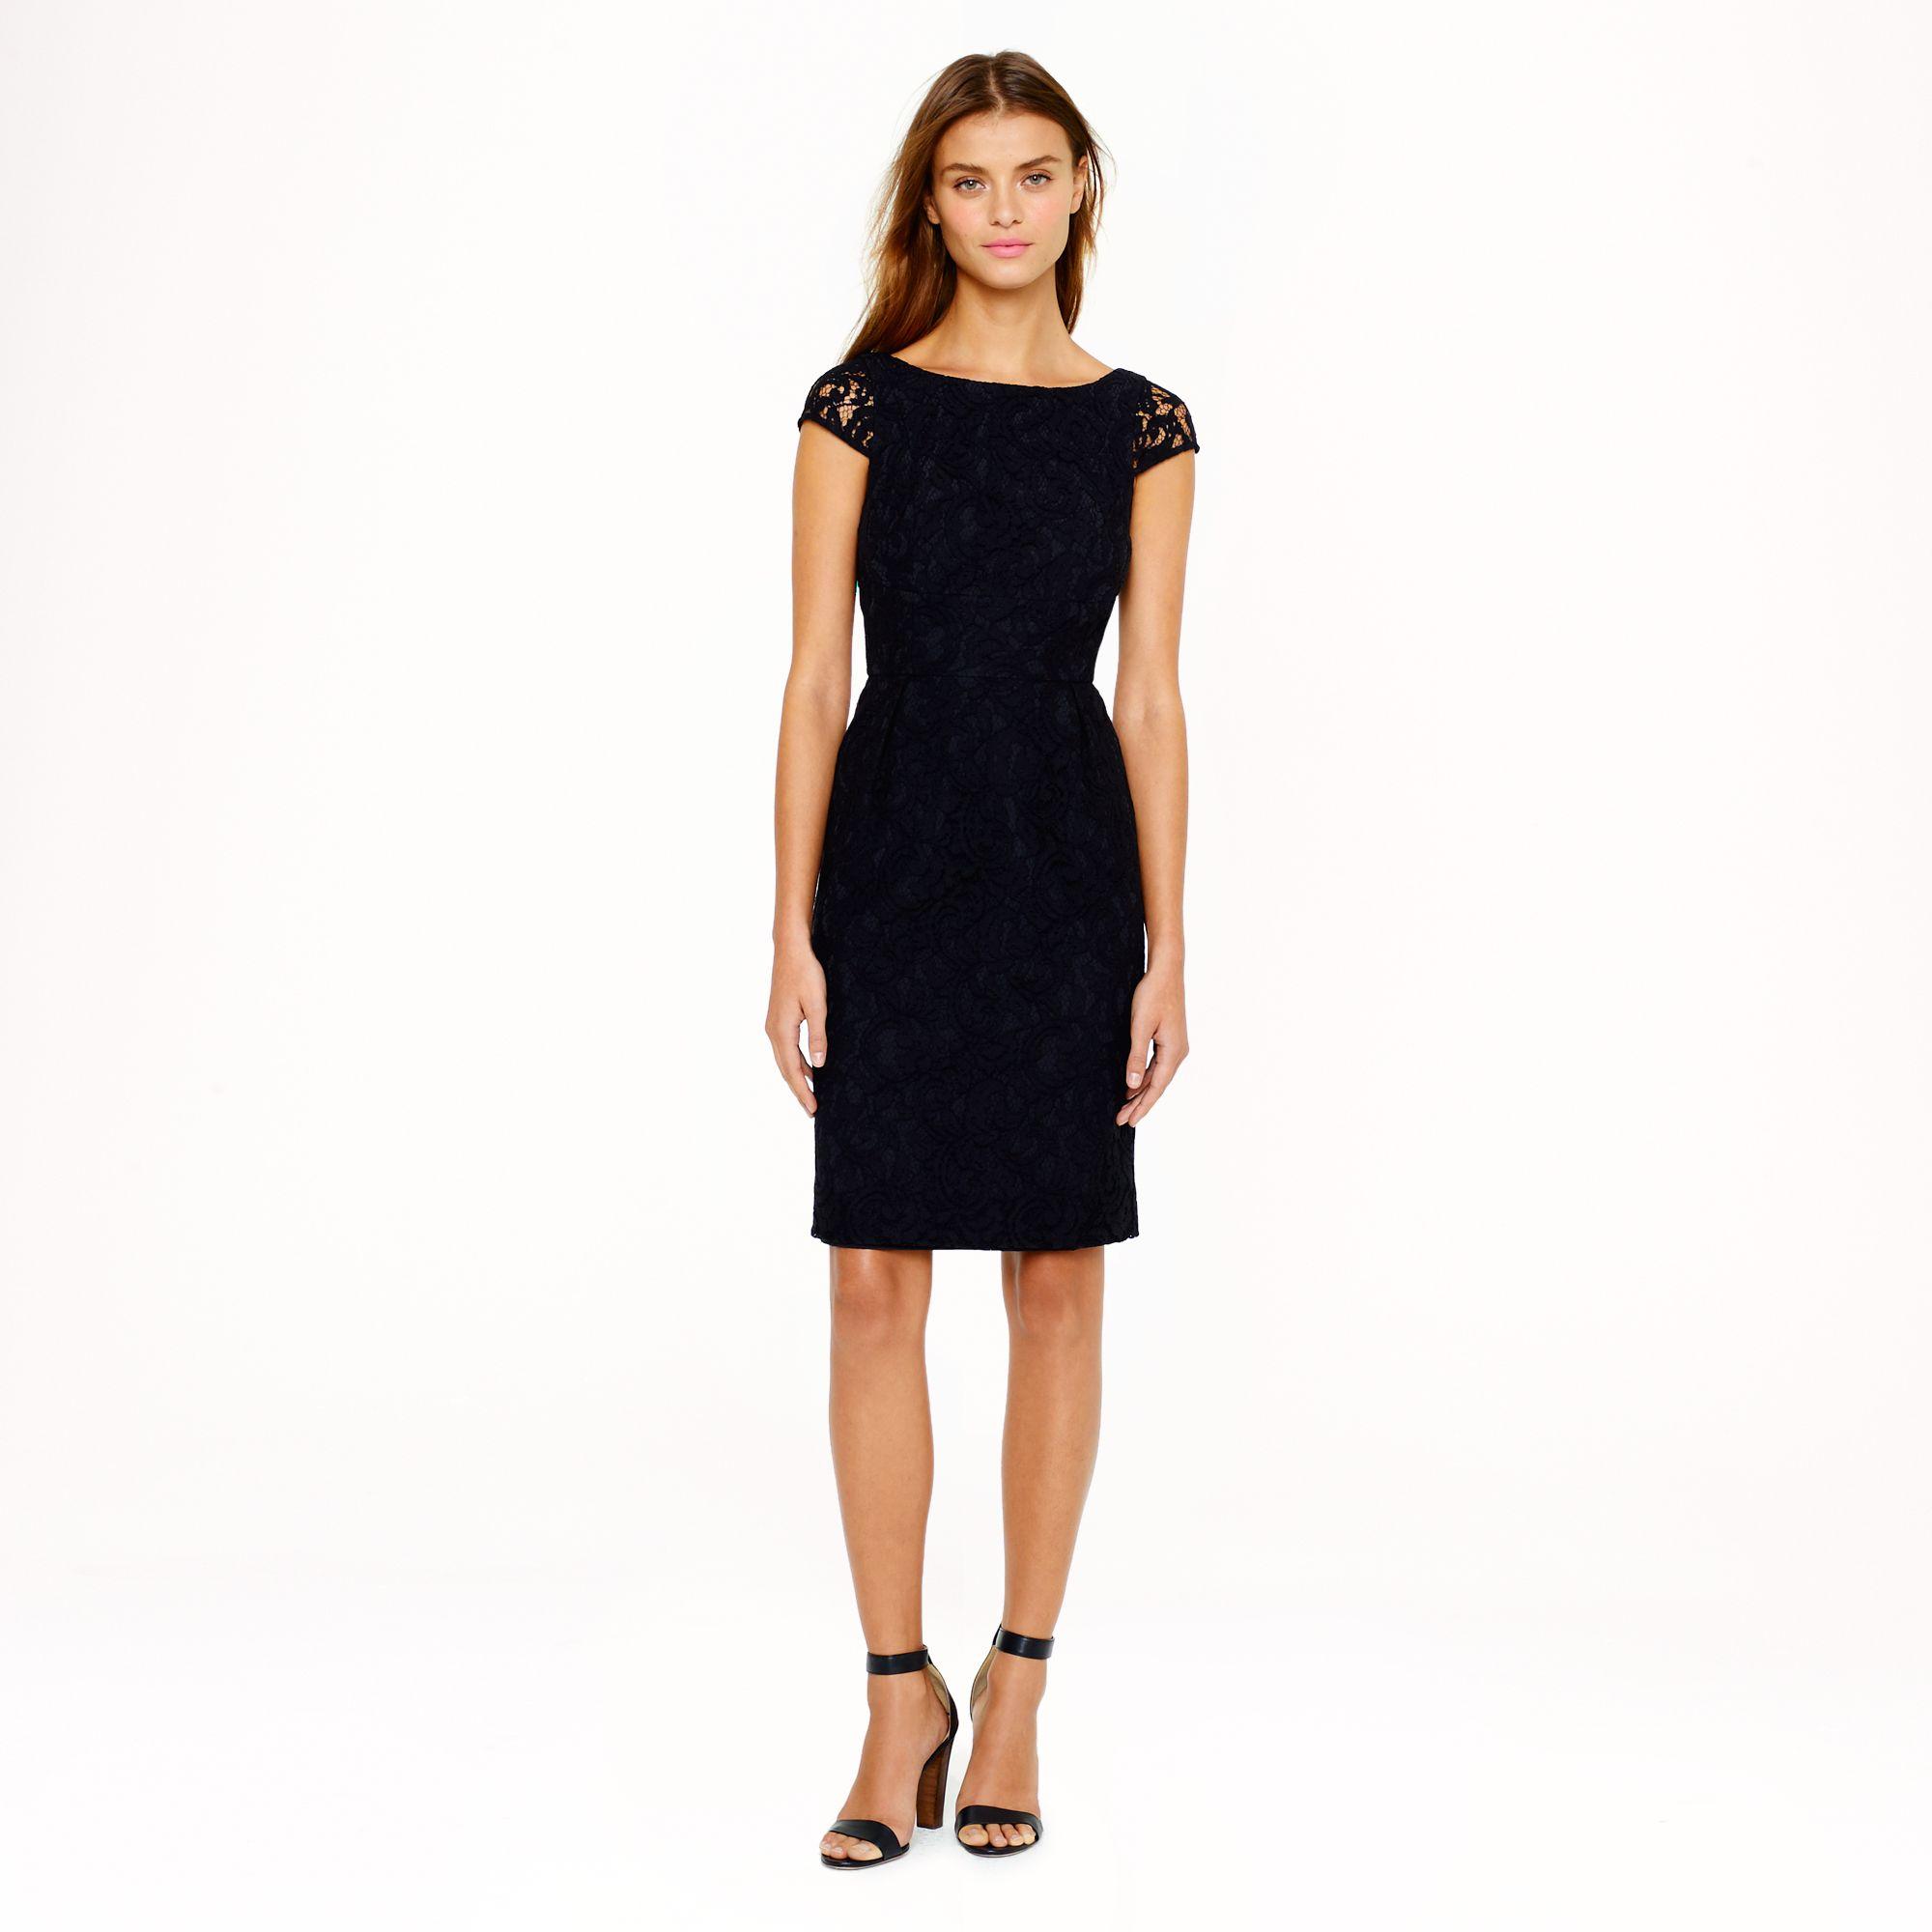 Elsa dress in leavers lace in black lyst for Jcrew com